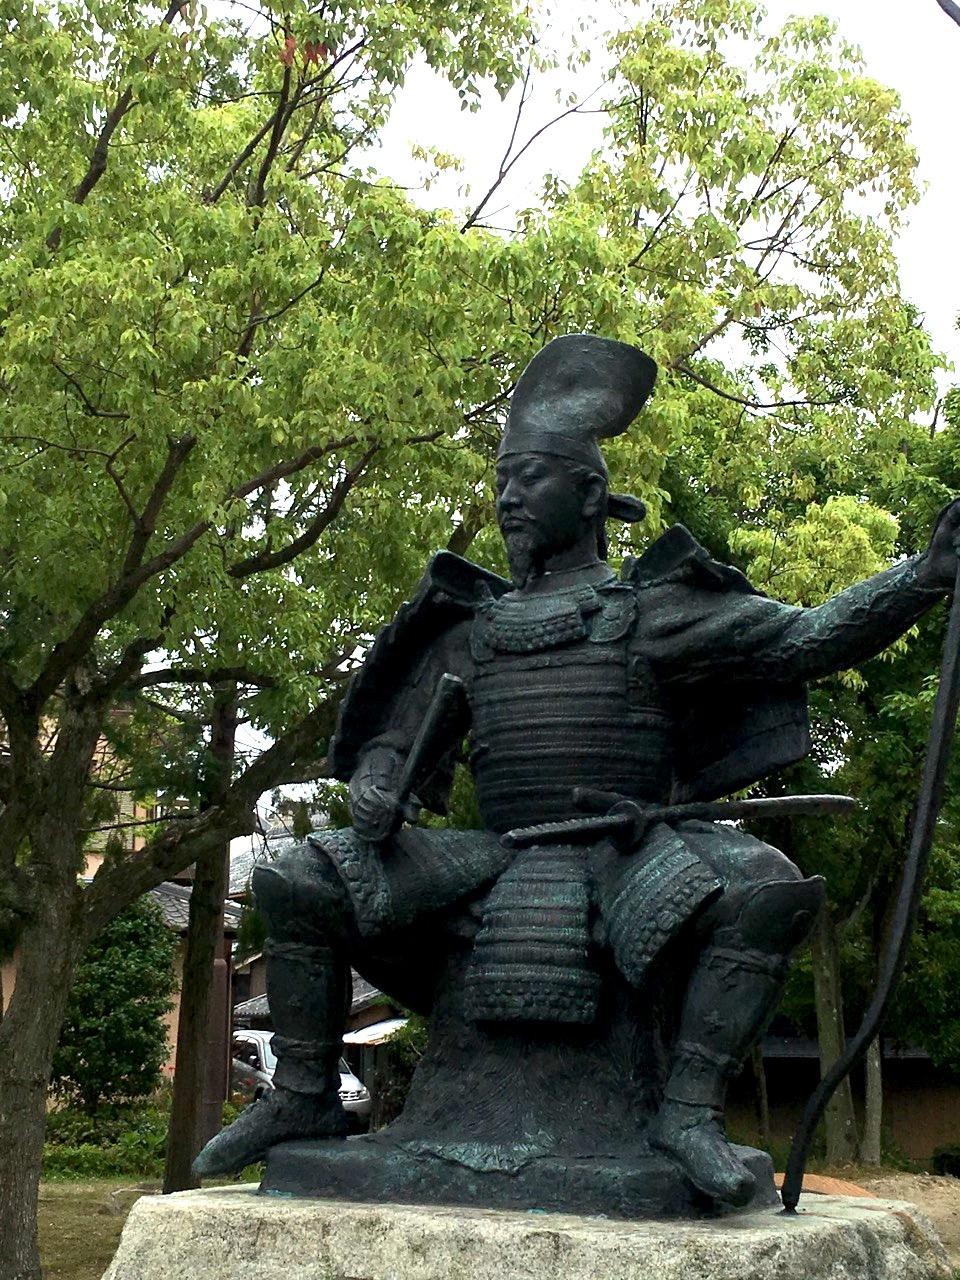 Imagawa Yoshimoto – Samurai World